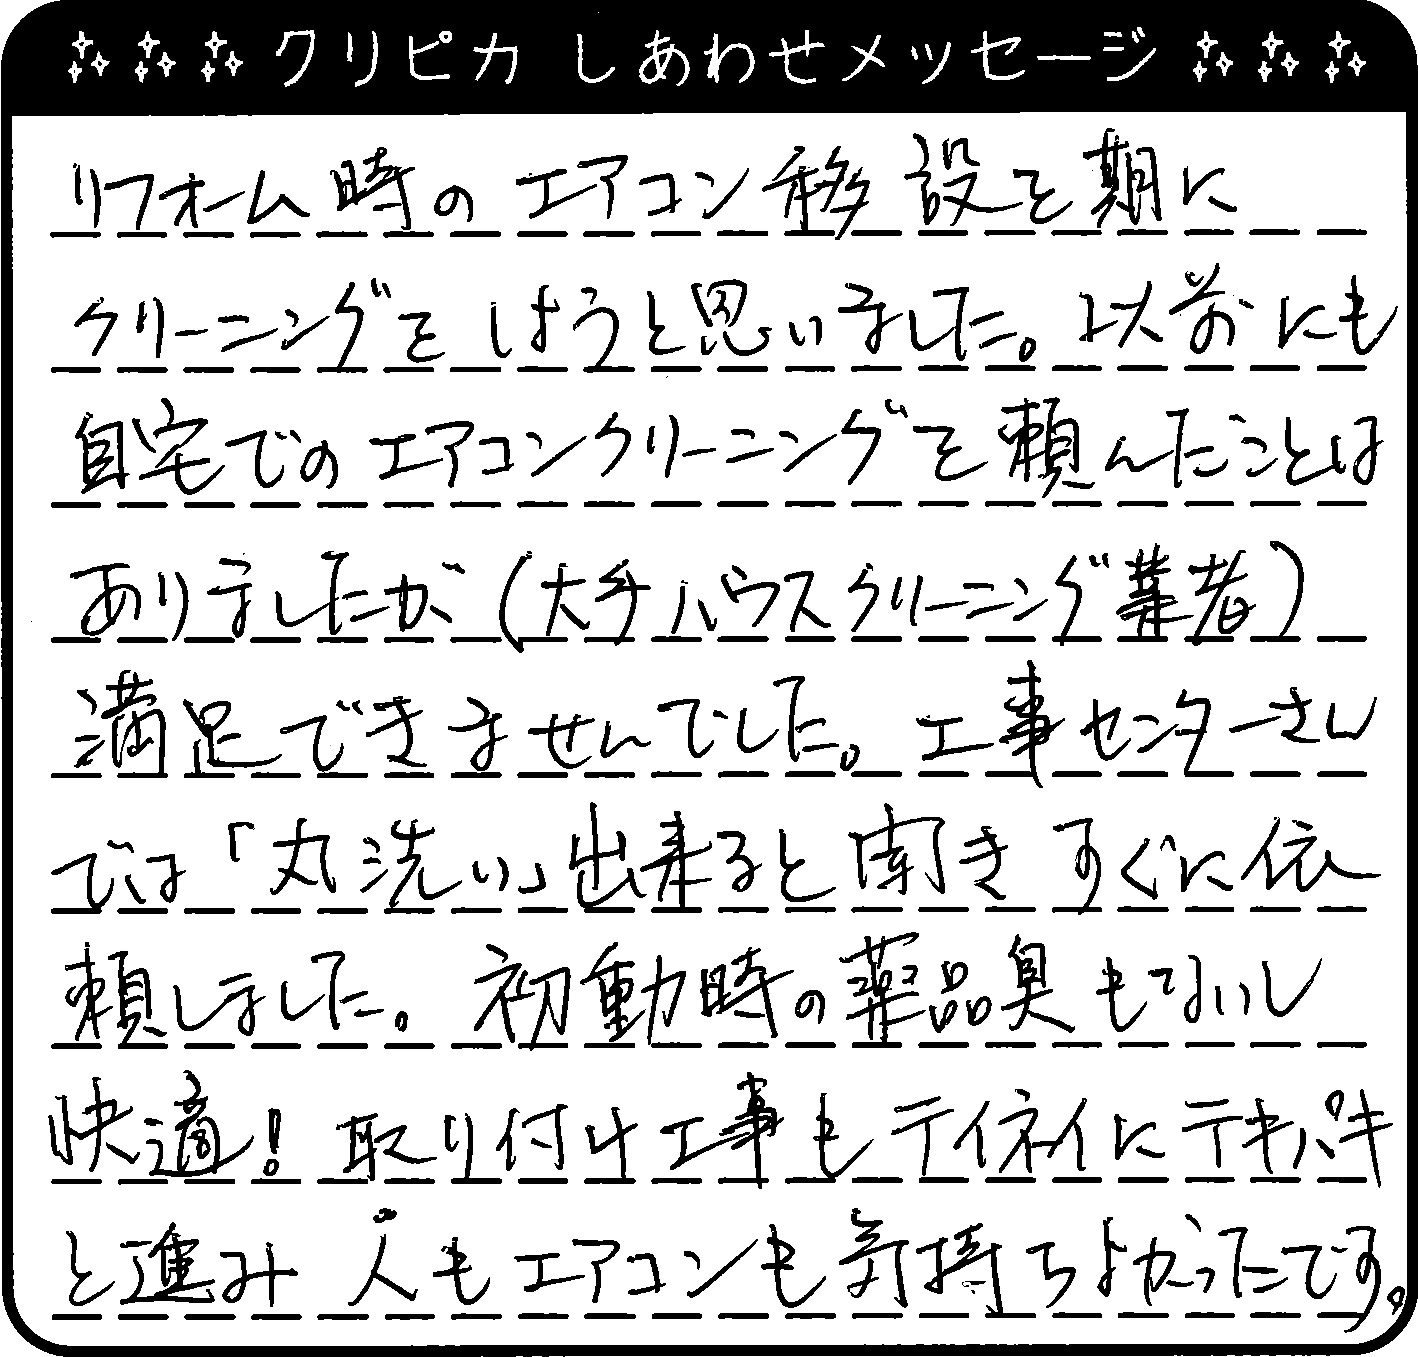 埼玉県 A様からのしあわせメッセージ